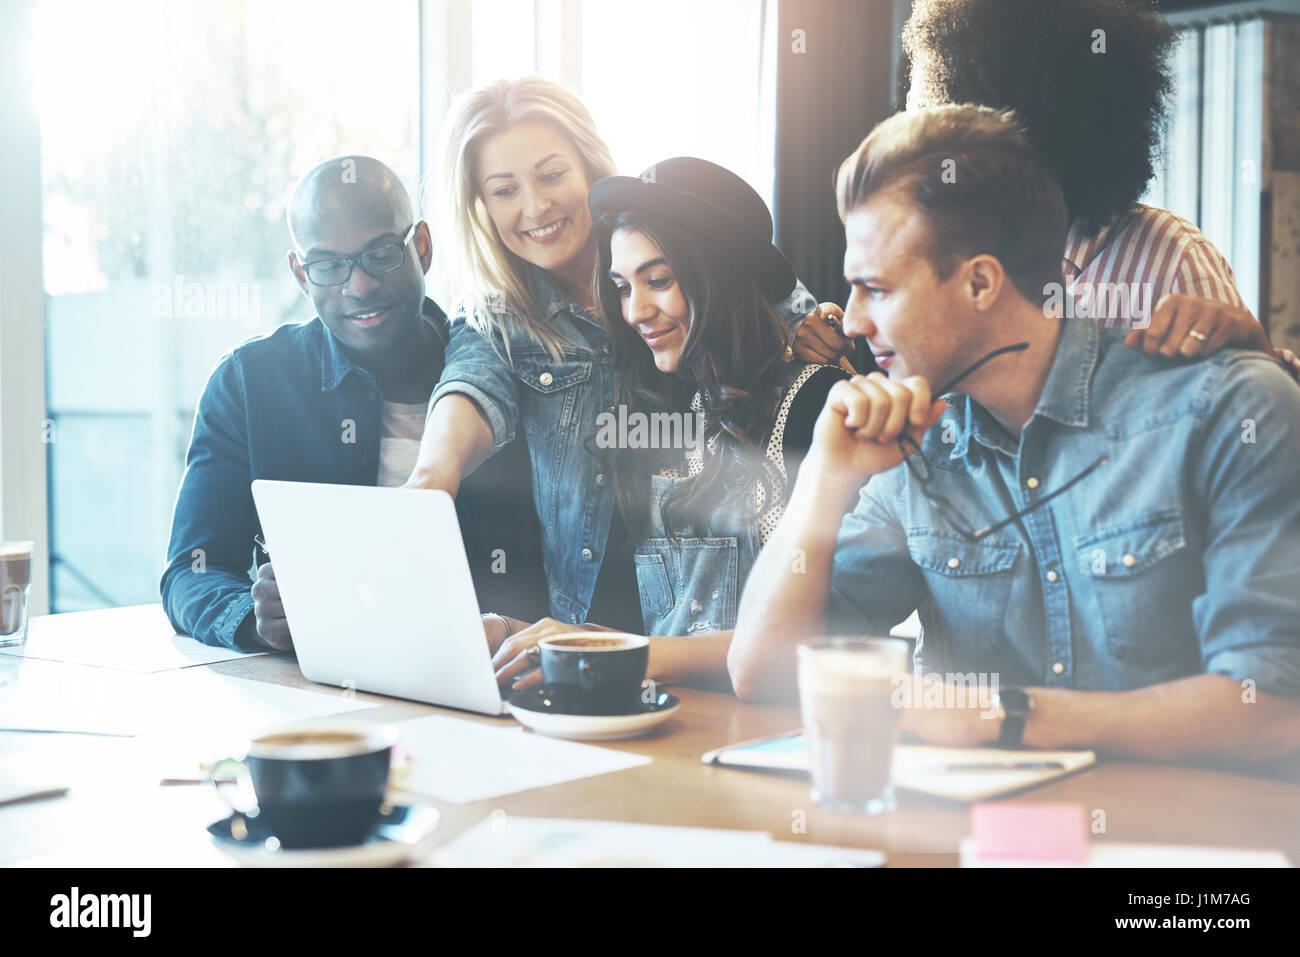 Mujer mostrando sus compañeros algo en el ordenador portátil que se reúnen alrededor de una mesa Imagen De Stock